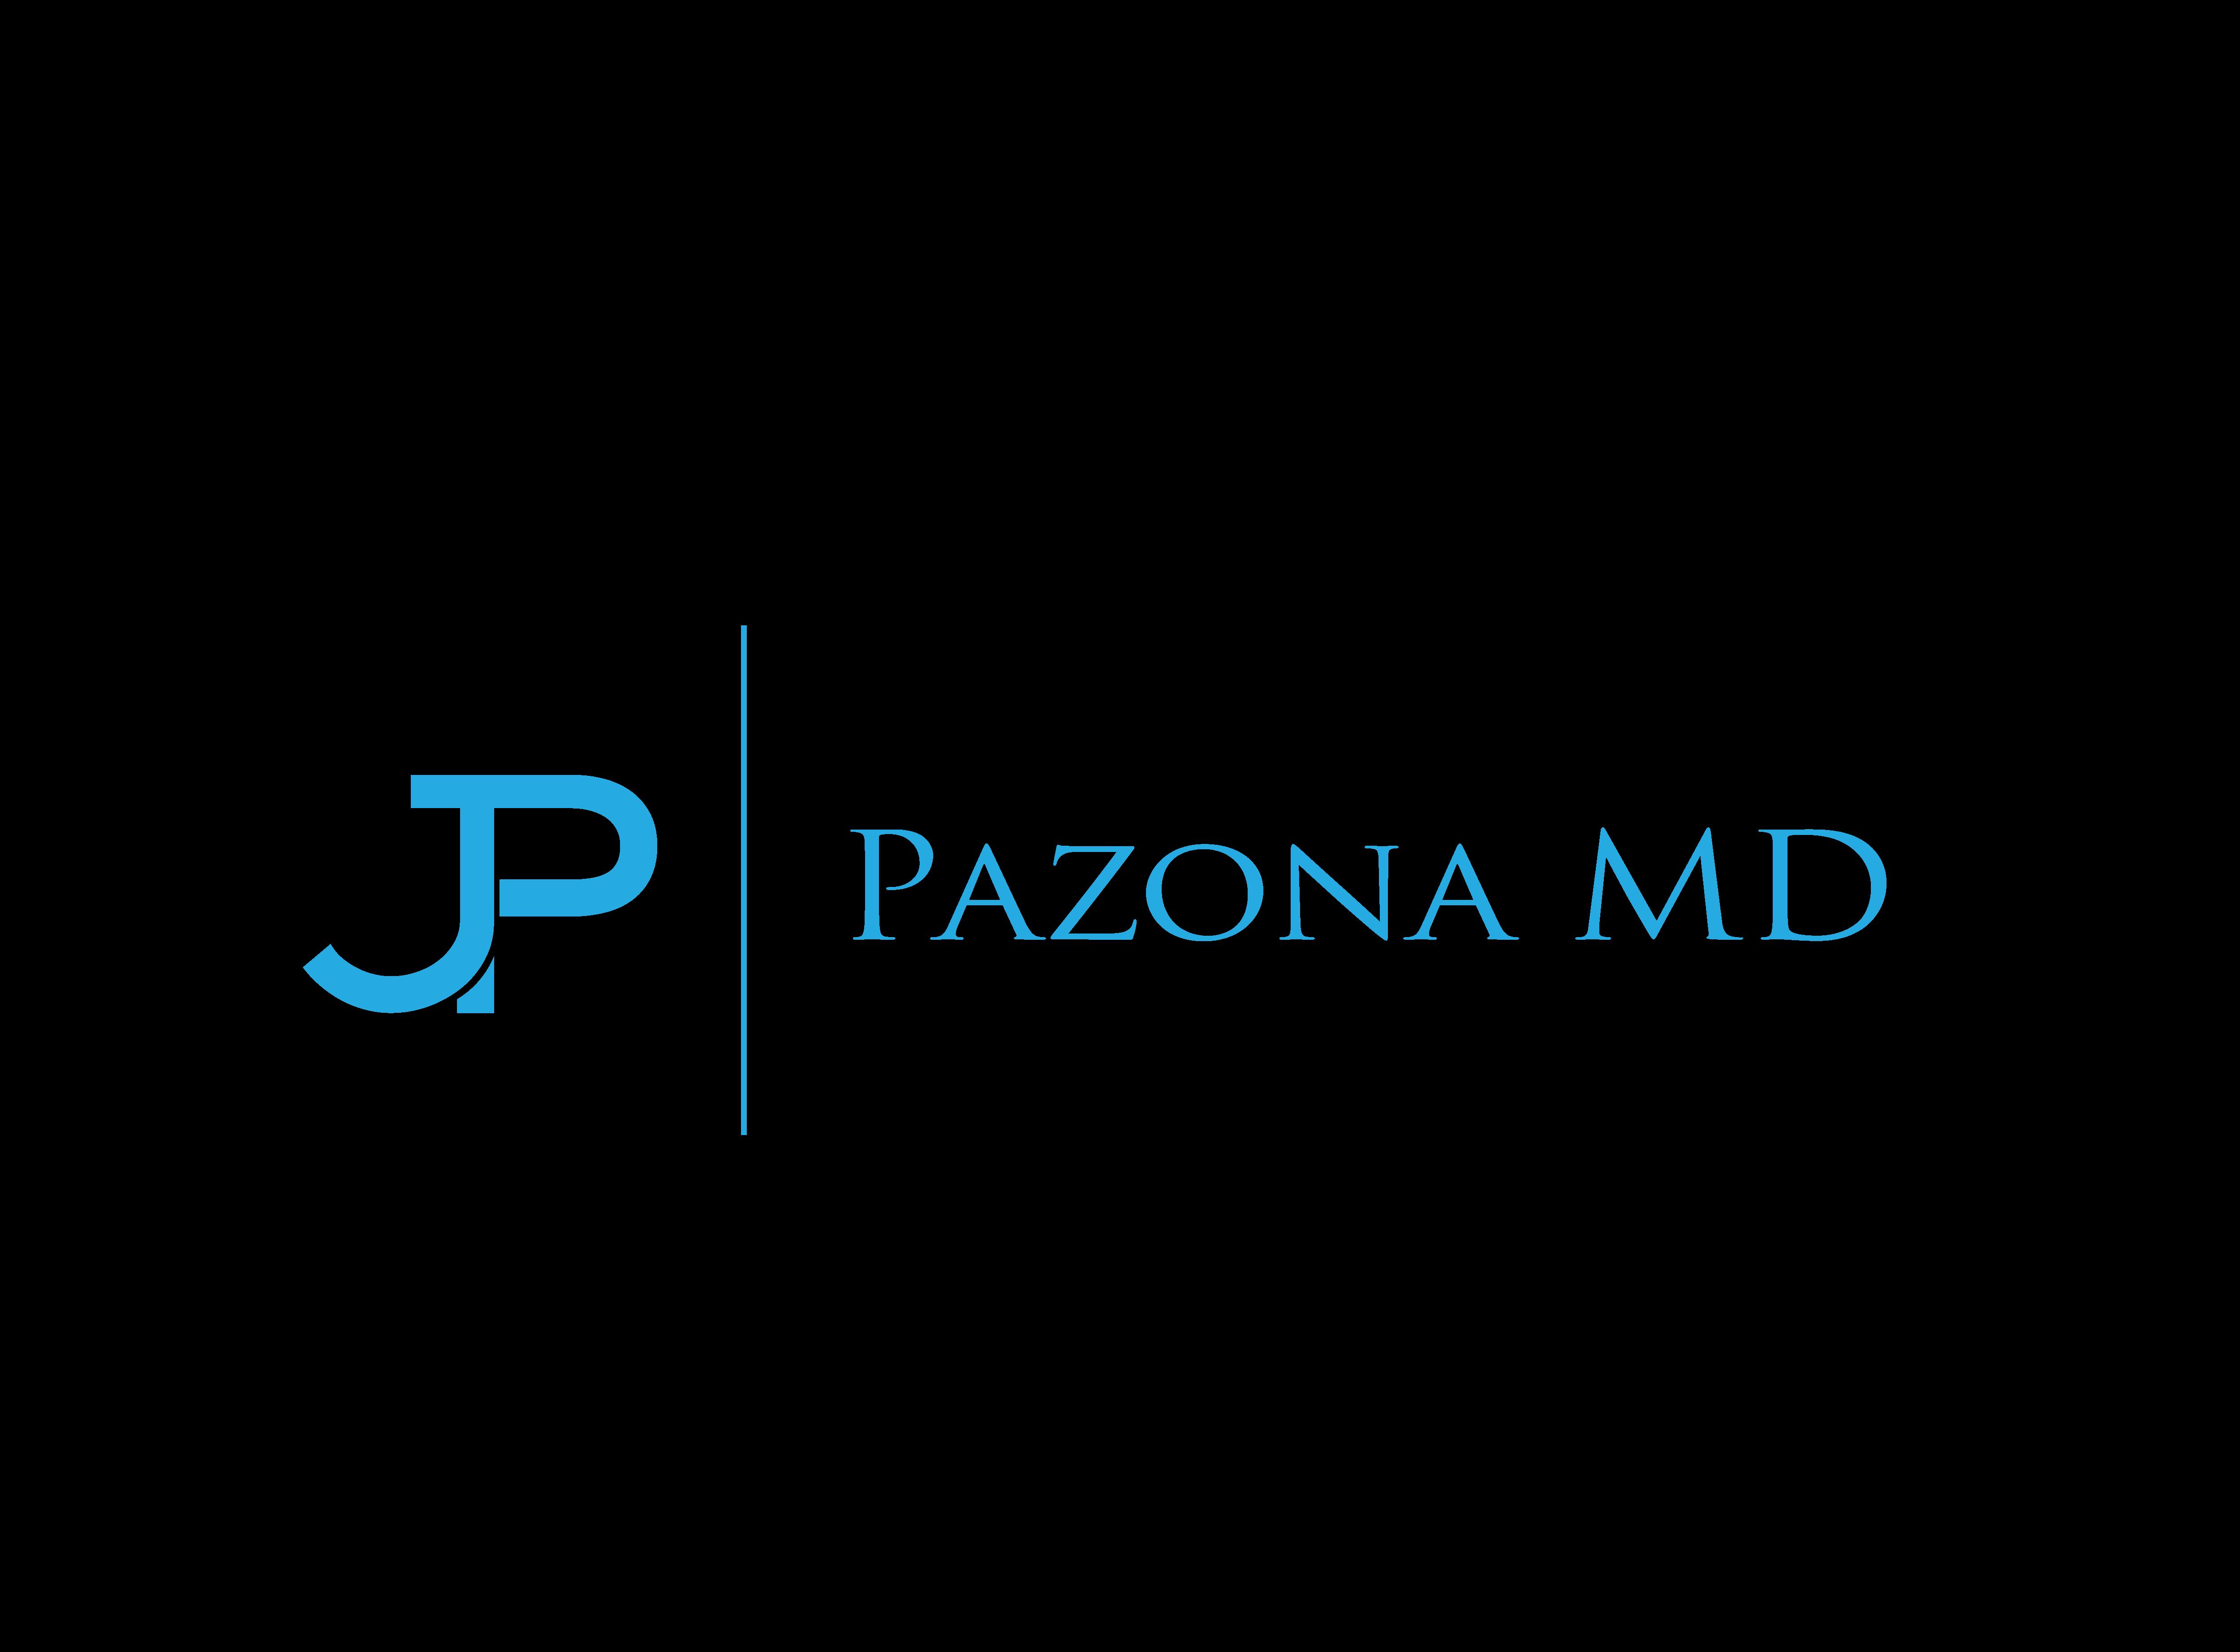 Pazona MD Logo